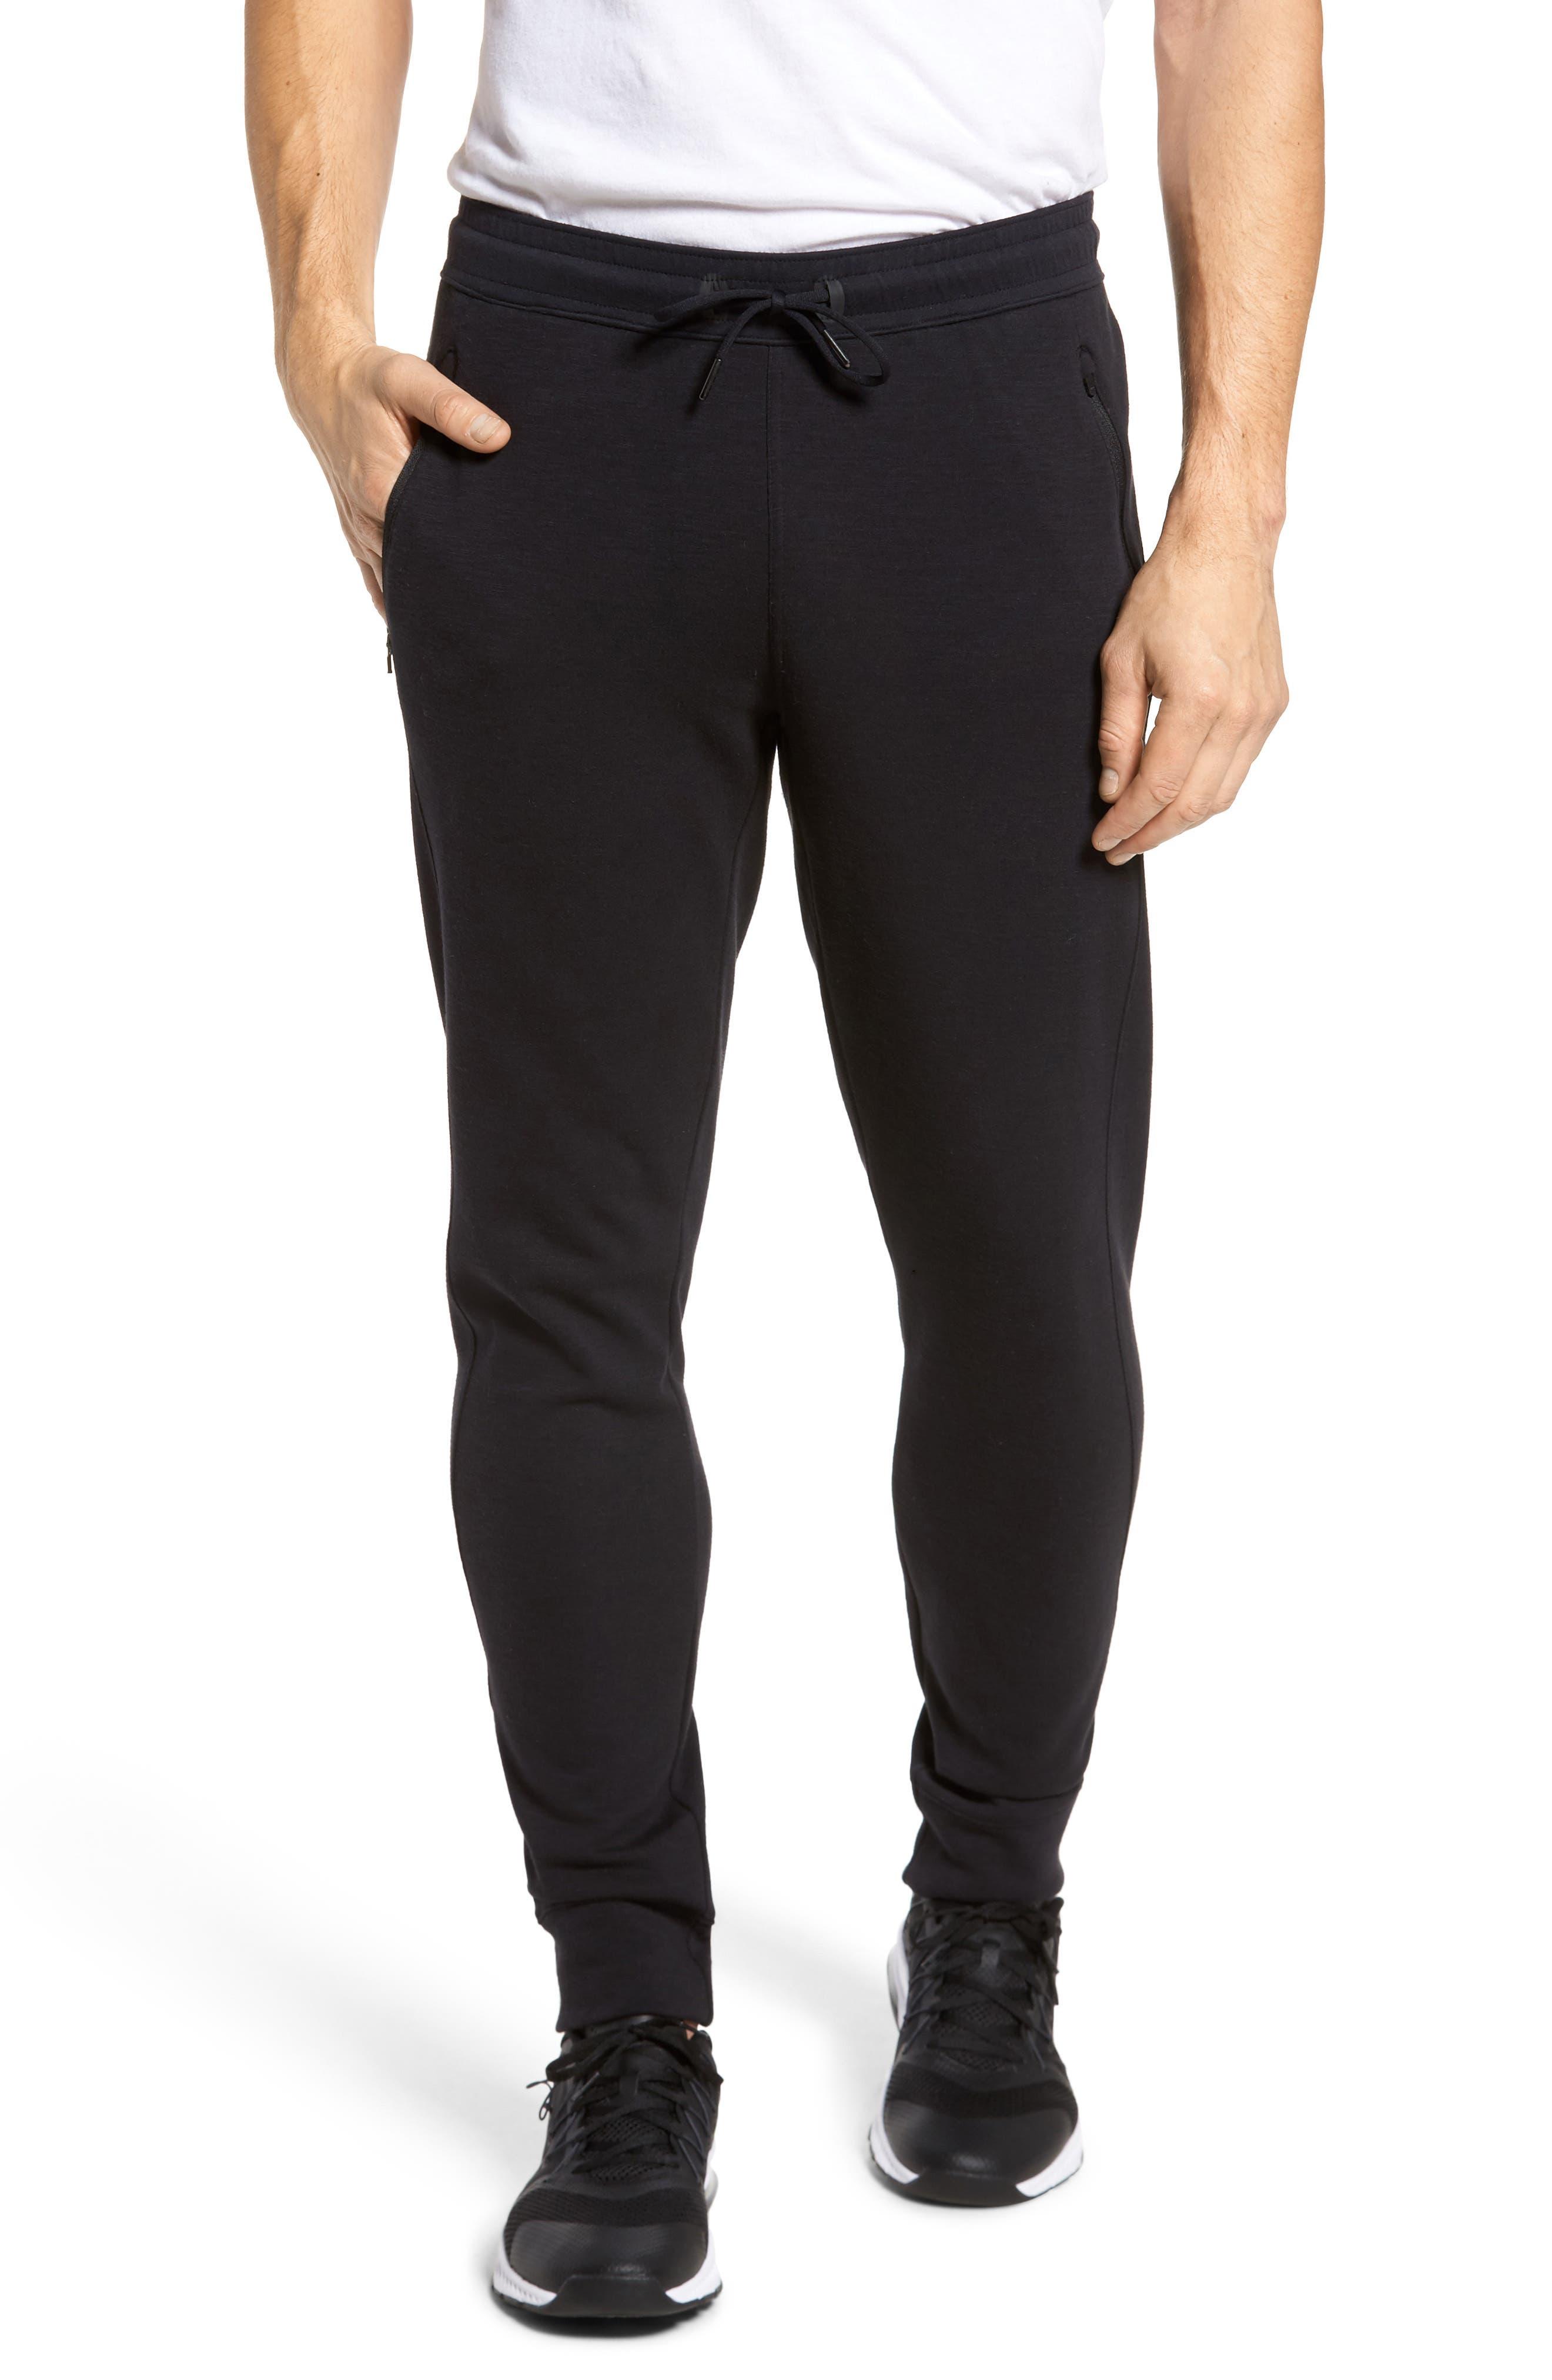 ZELLA Magnetite Fleece Jogger Pants, Main, color, 001